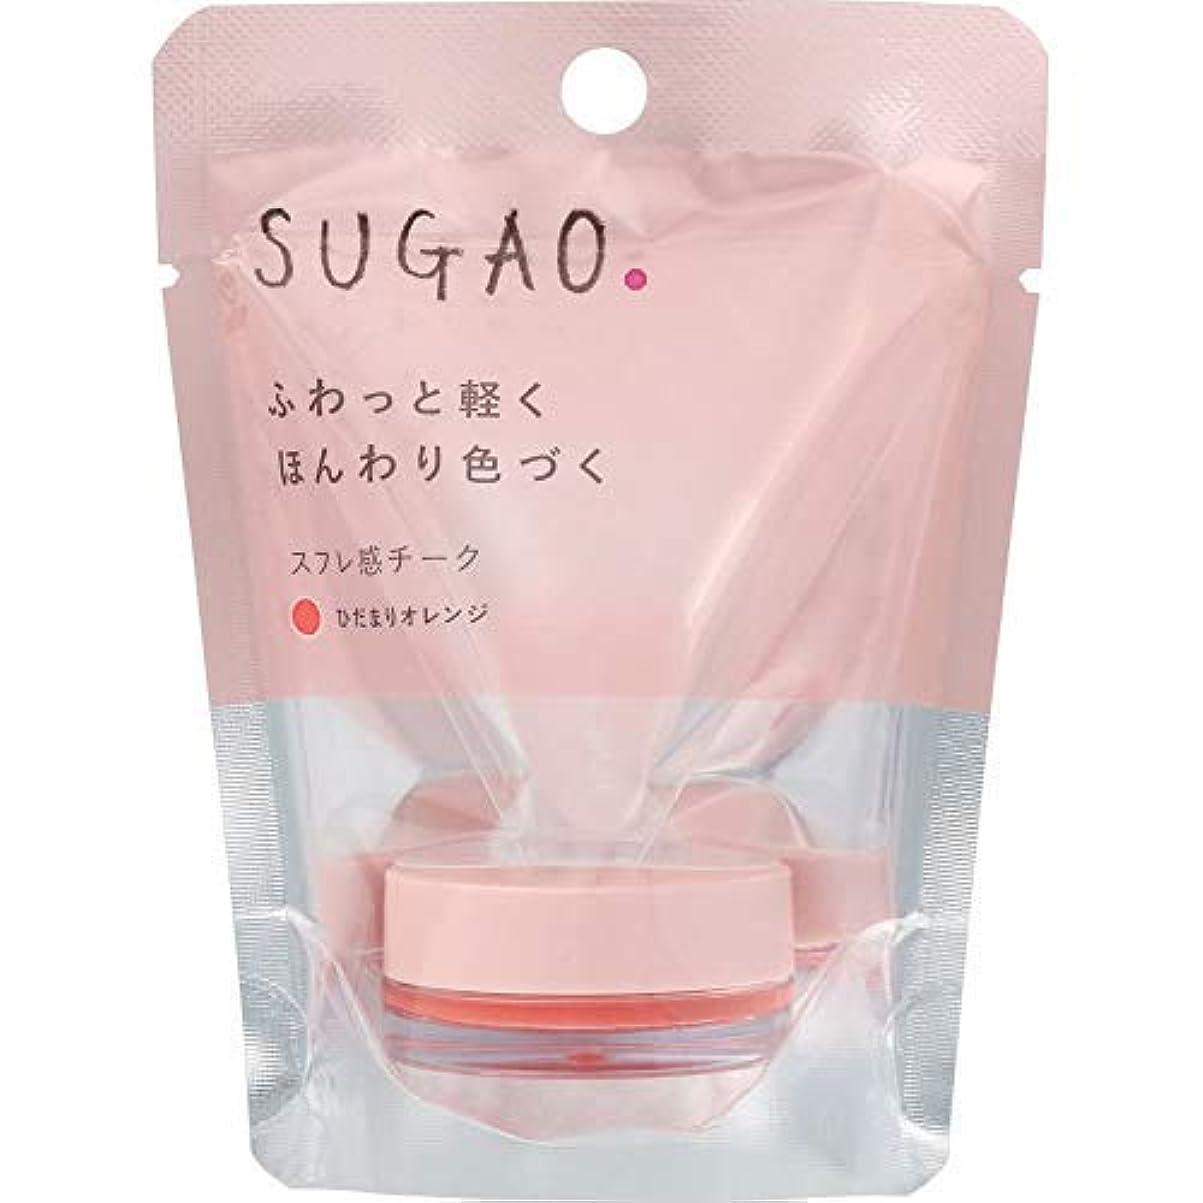 あえぎエンターテインメントあえぎSUGAO スフレ感チーク ひだまりオレンジ × 10個セット